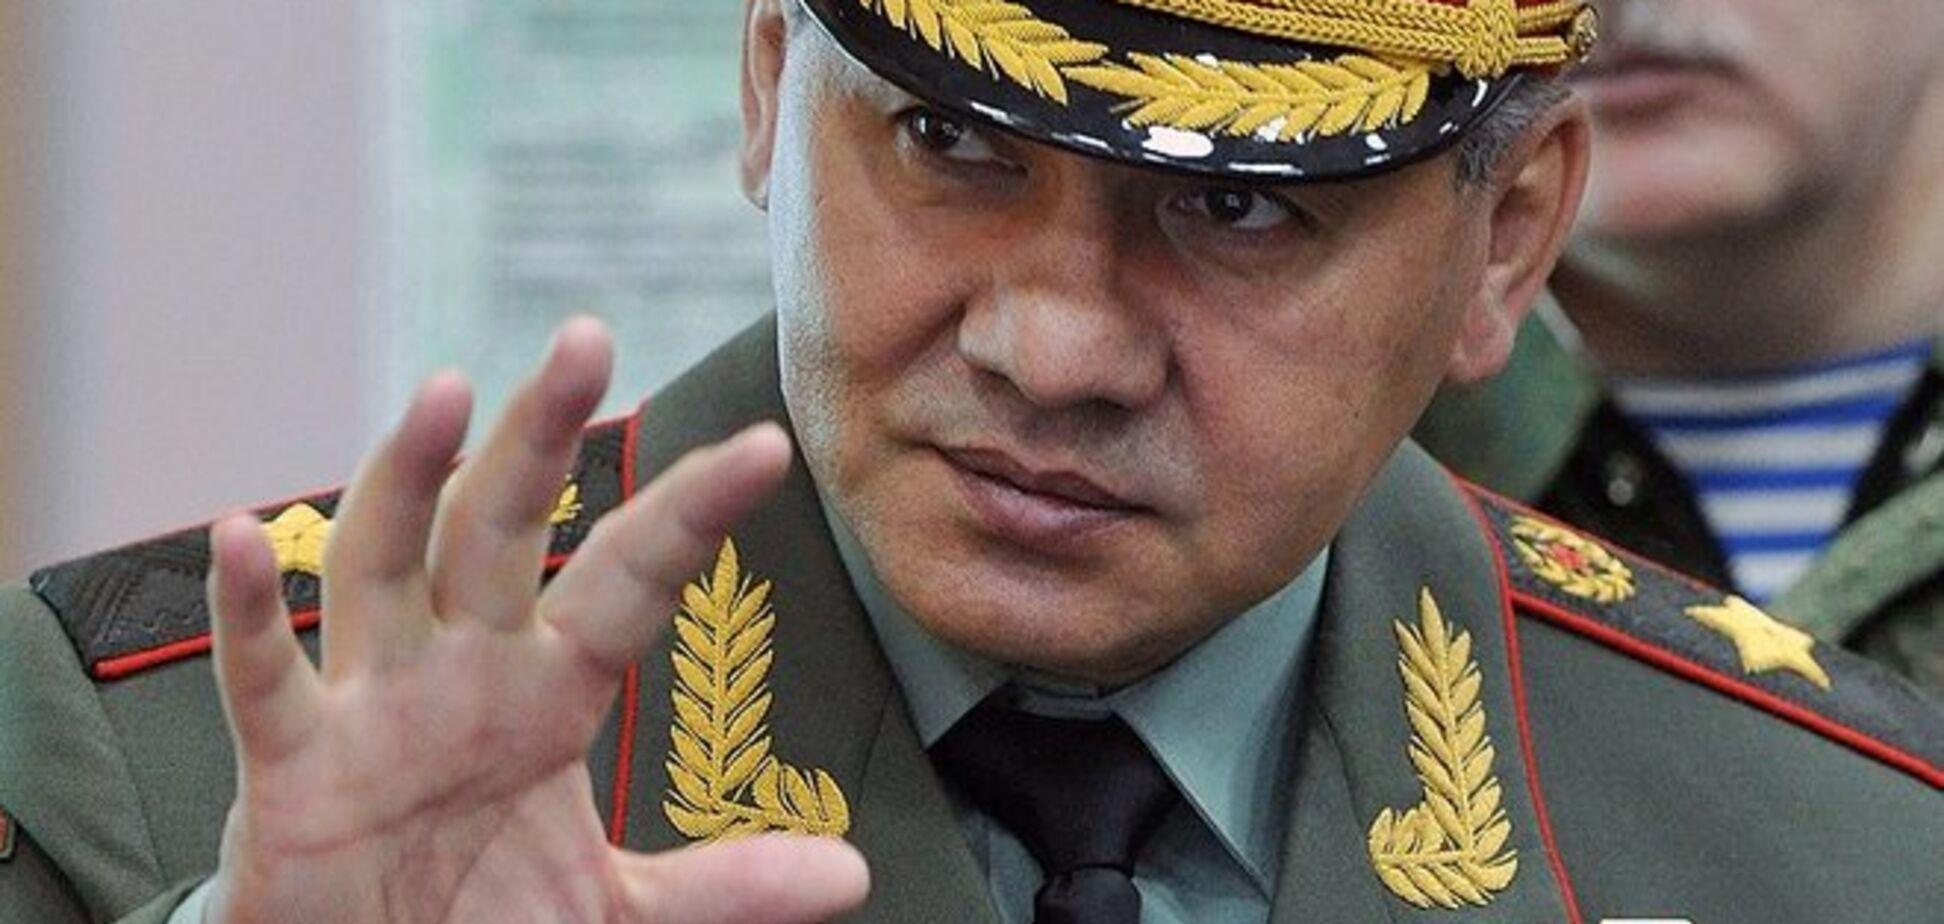 Шойгу признал, что войска вернулись к границе с Украиной - источник